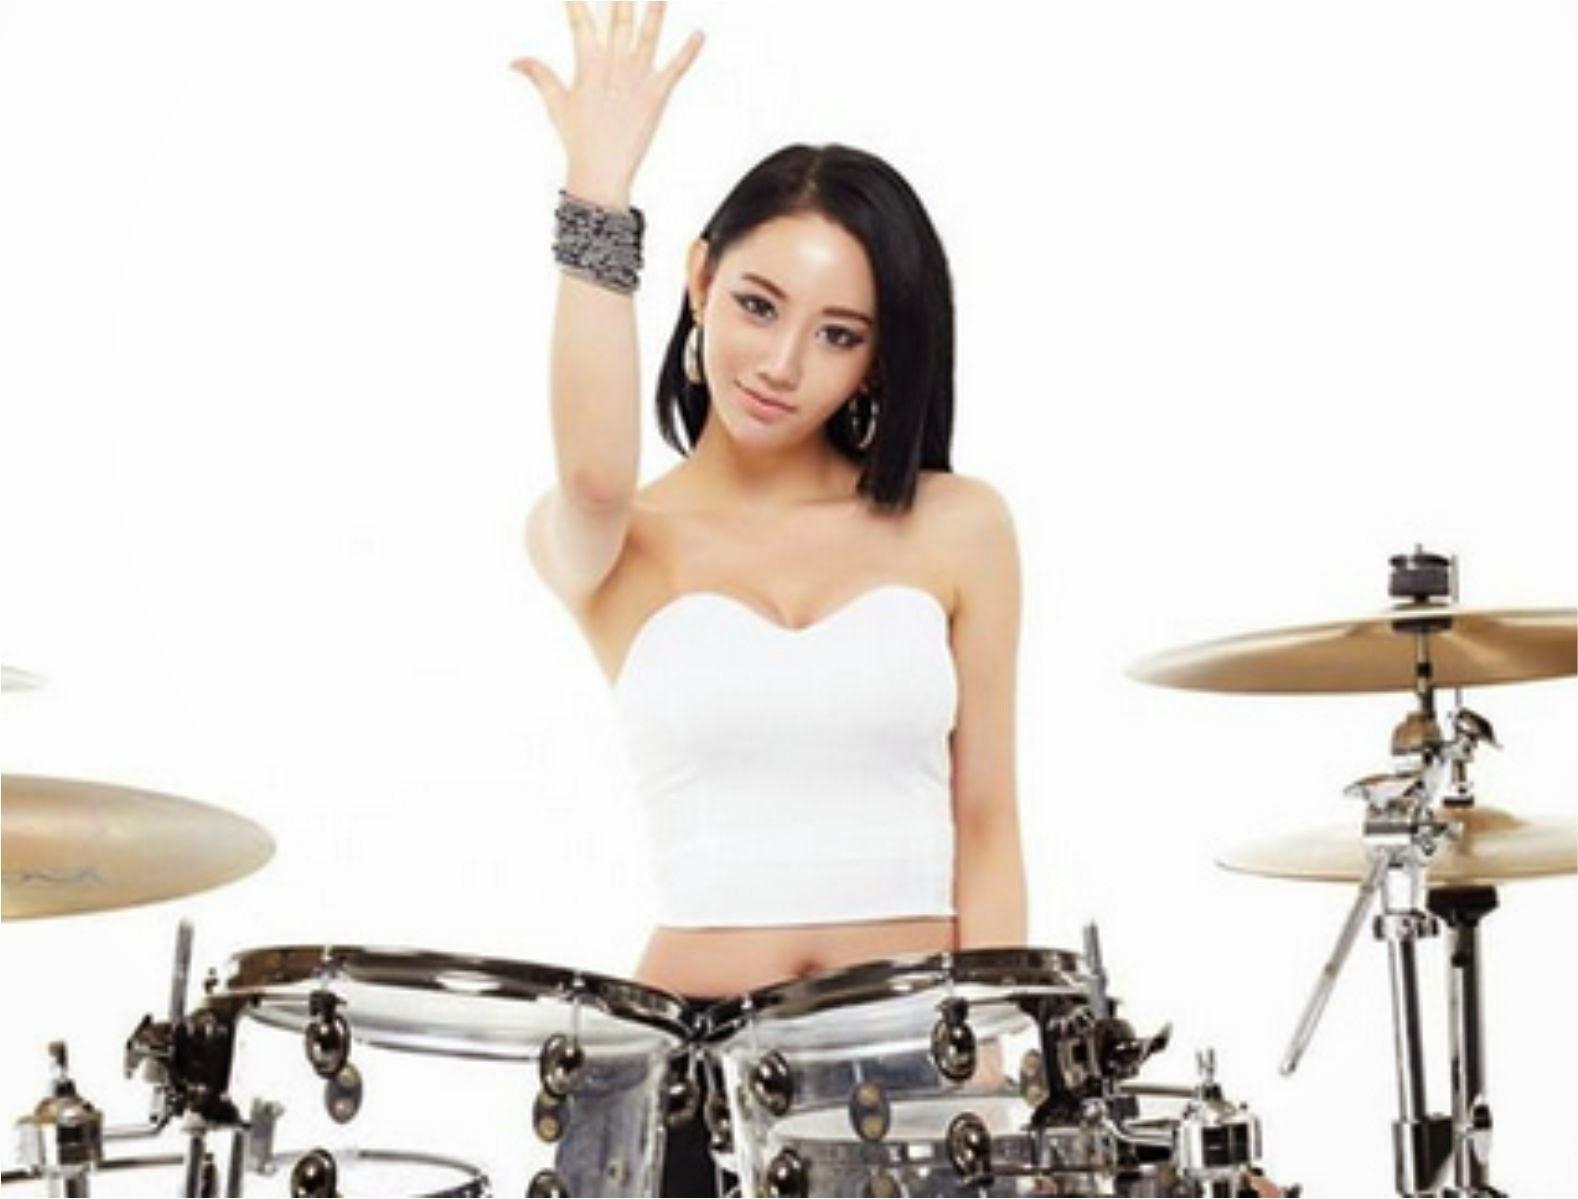 Drummer Girl Korean - Amazing Drummer Girl Fantastic Baby - IBOtube